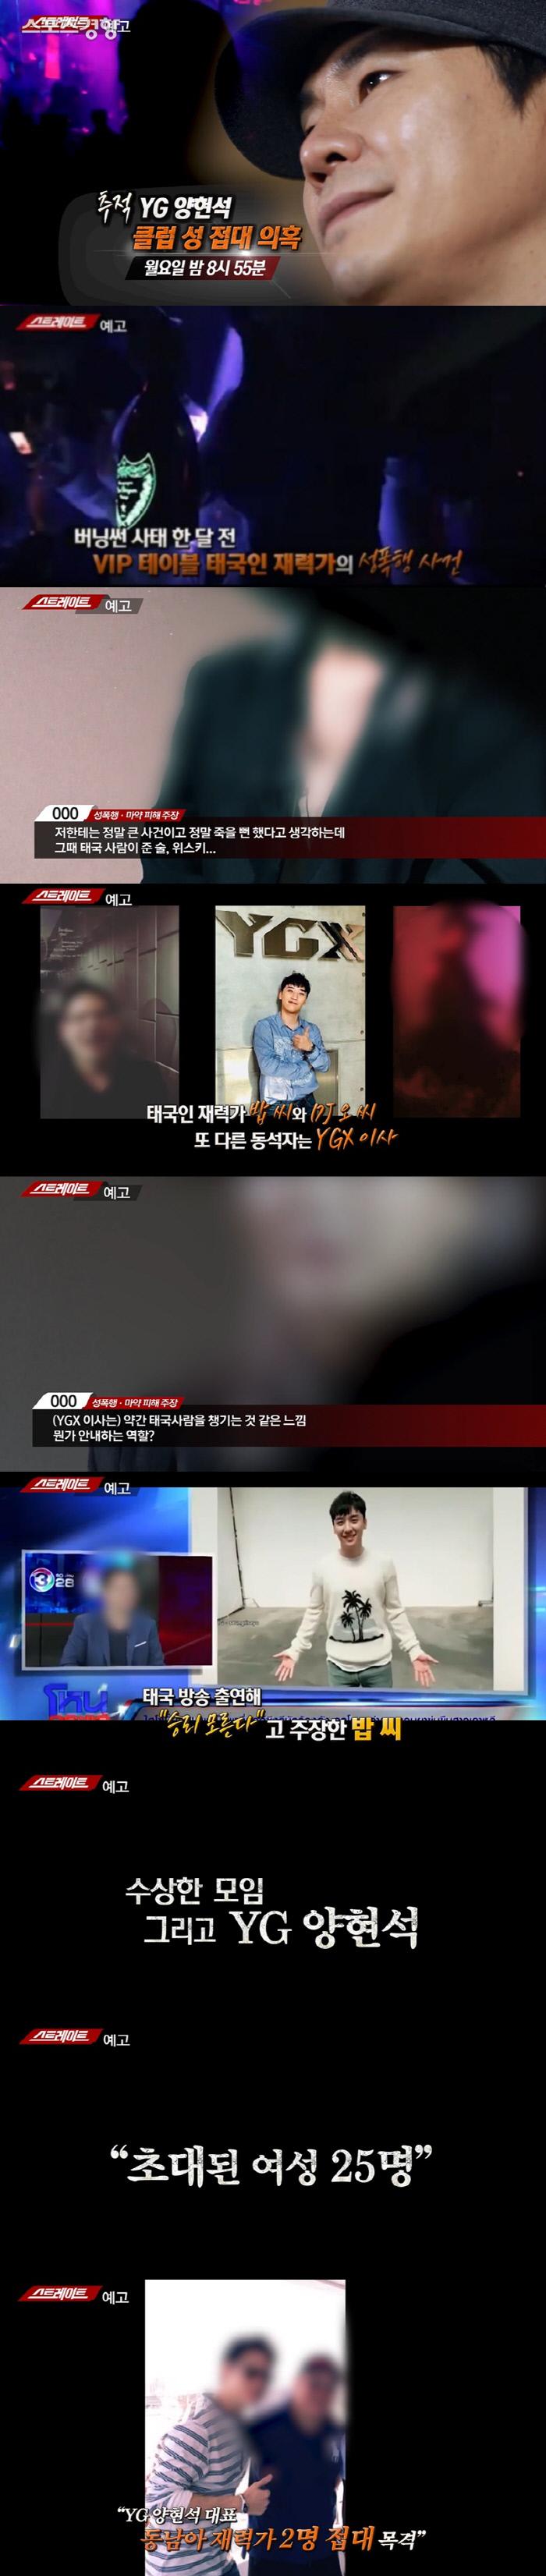 '탐사기획 스트레이트'. MBC 제공